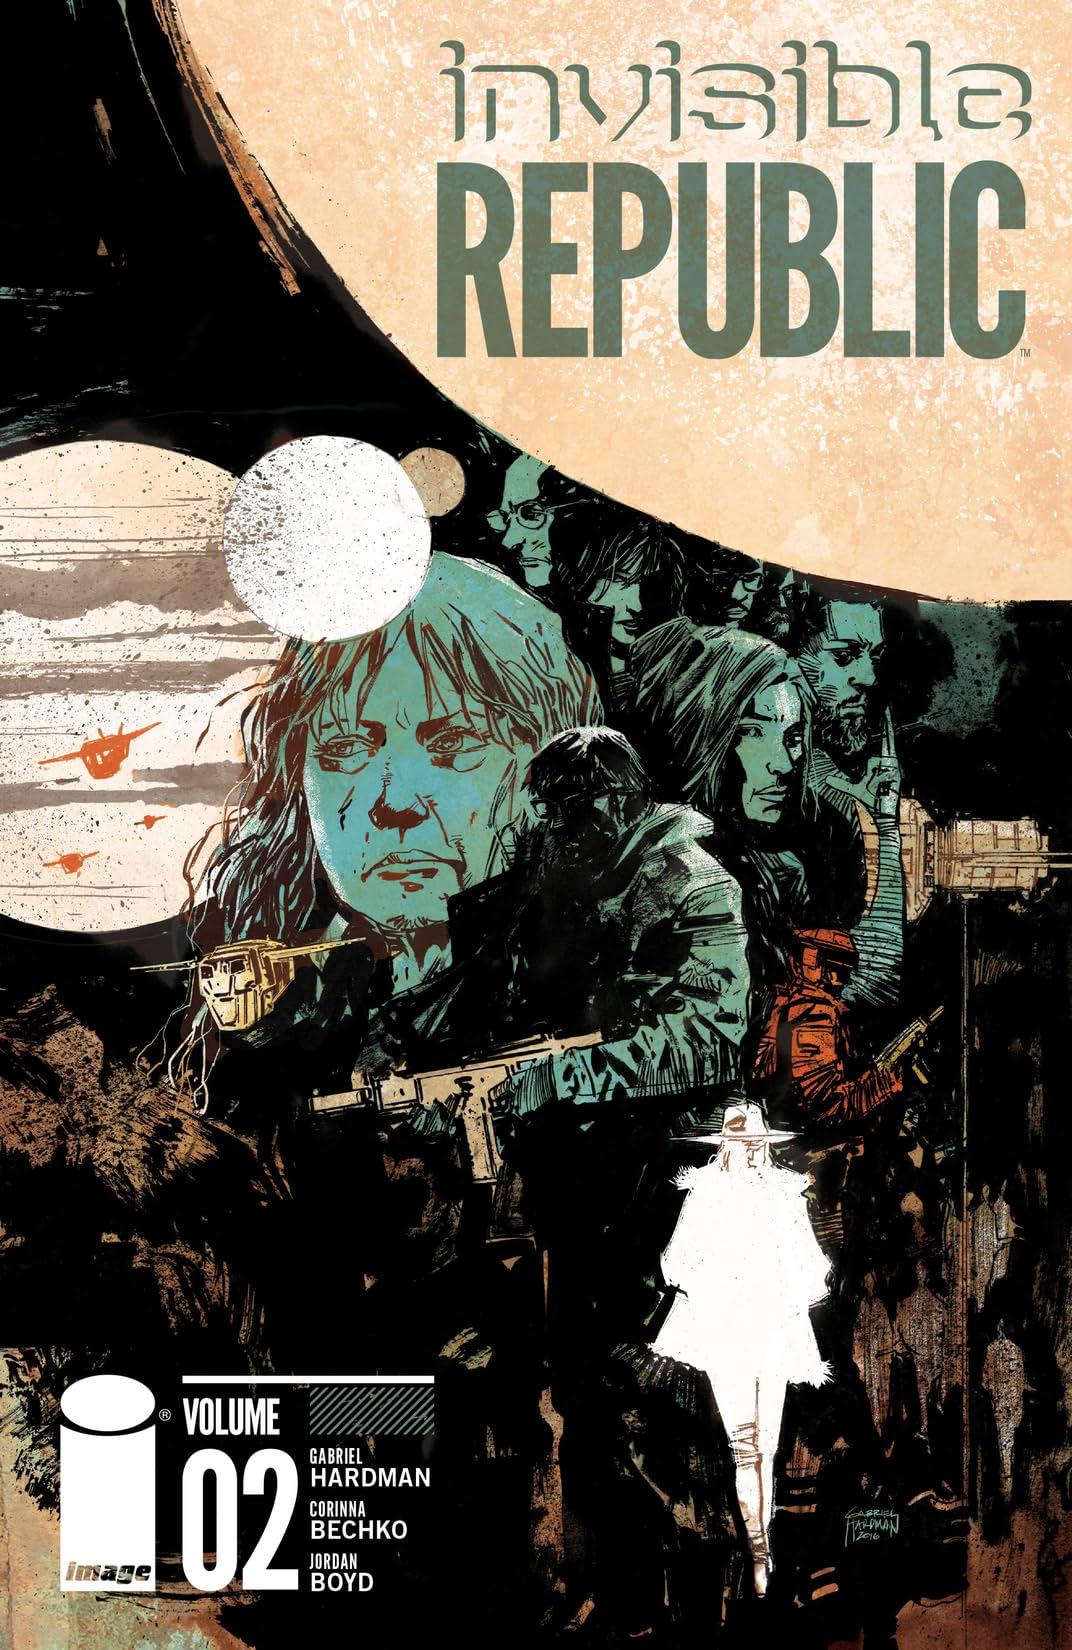 Invisible Republic Vol. 2